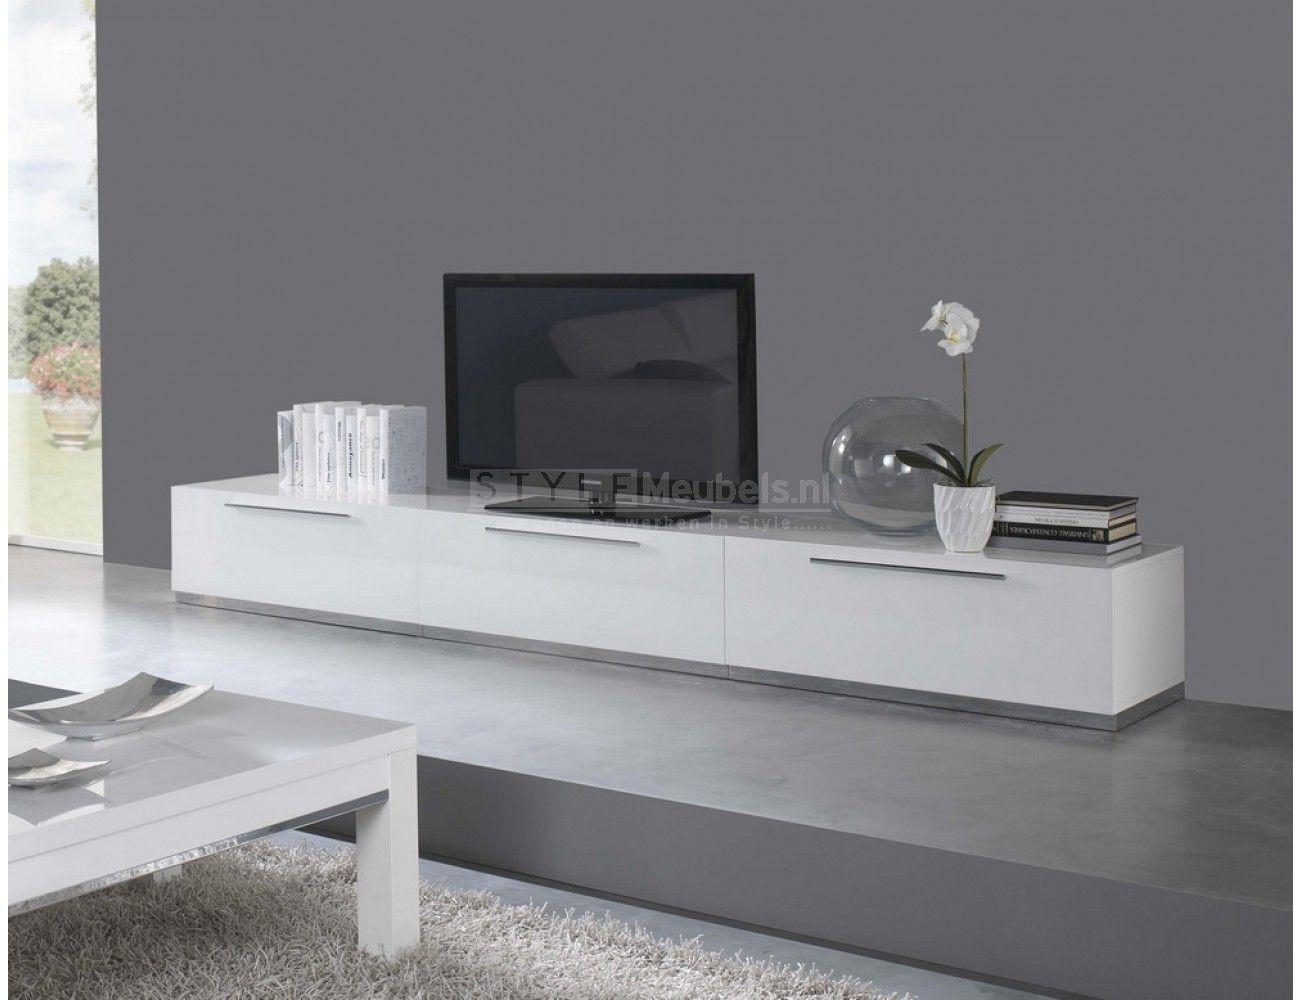 Mooie Witte Tv Kast.Tv Meubel Carmen 300cm Hoogglans Wit Meubels Ideeen Voor